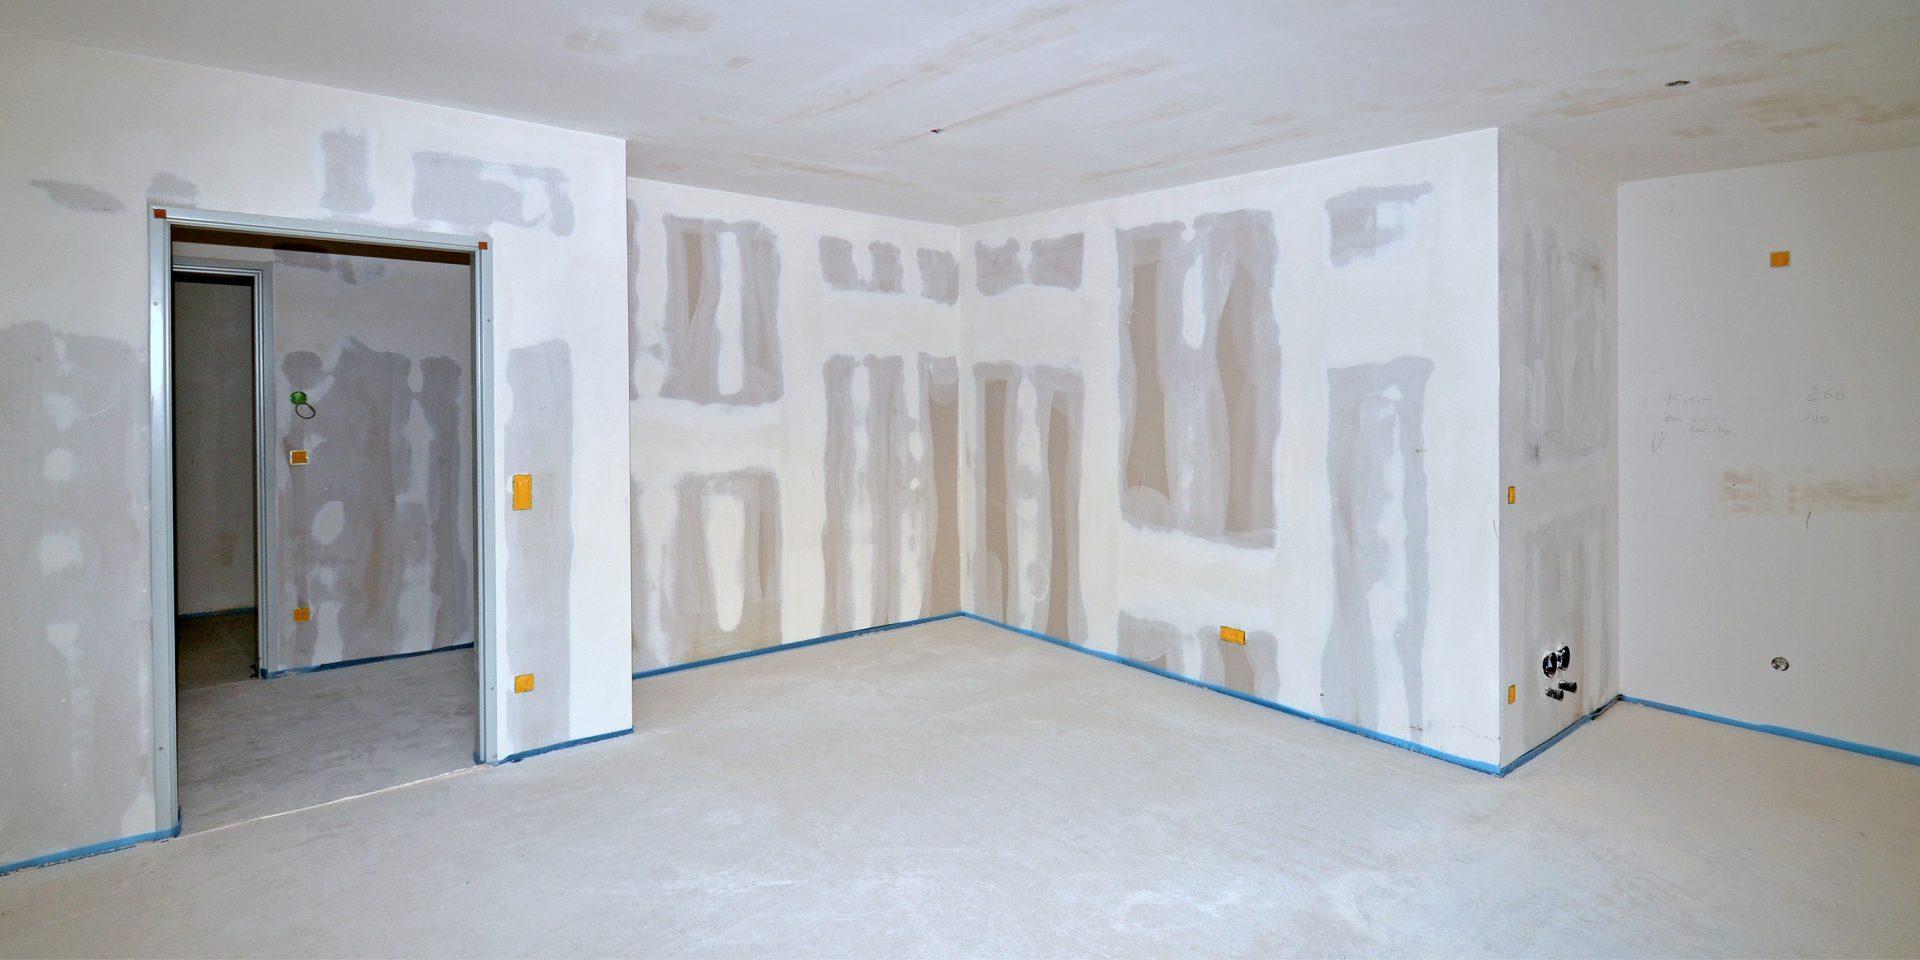 Cloison Amovible Pour Salle De Bain cloisons intérieures : quel budget moyen prévoir au m2 pose